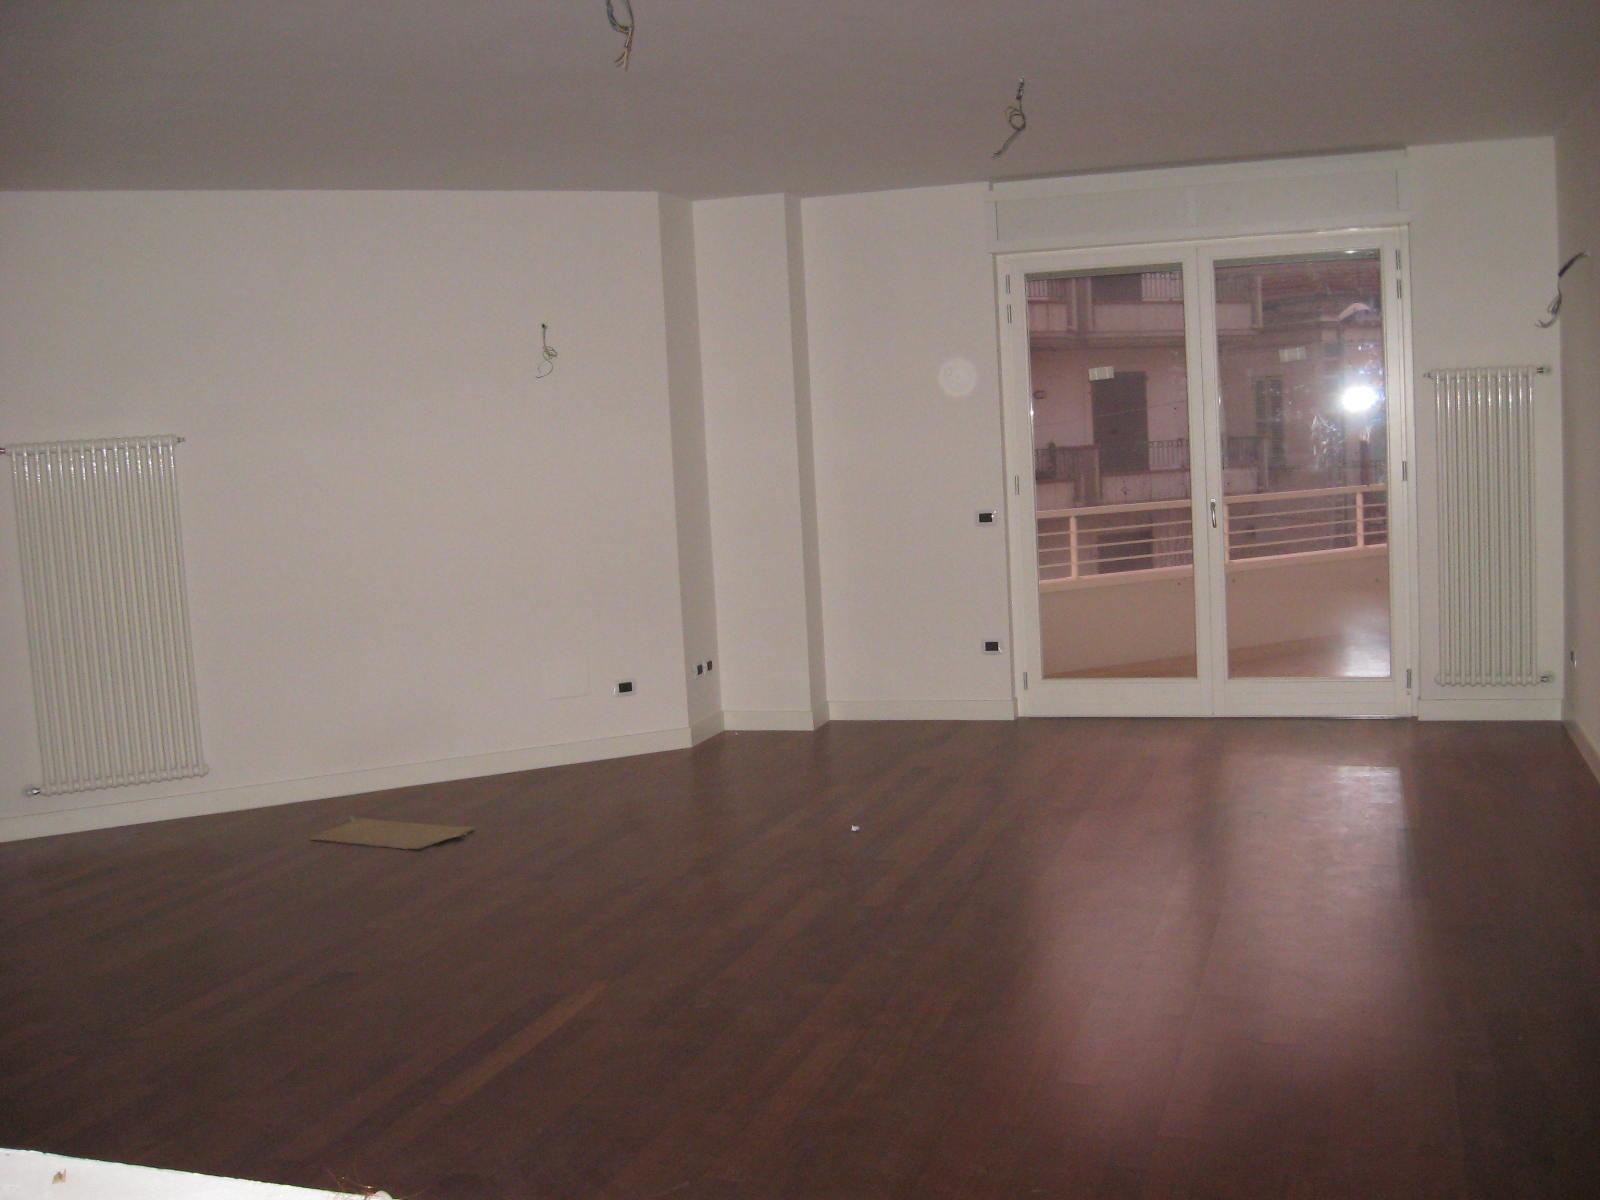 Appartamento in vendita a Giulianova, 4 locali, zona Località: Lido, prezzo € 290.000 | CambioCasa.it